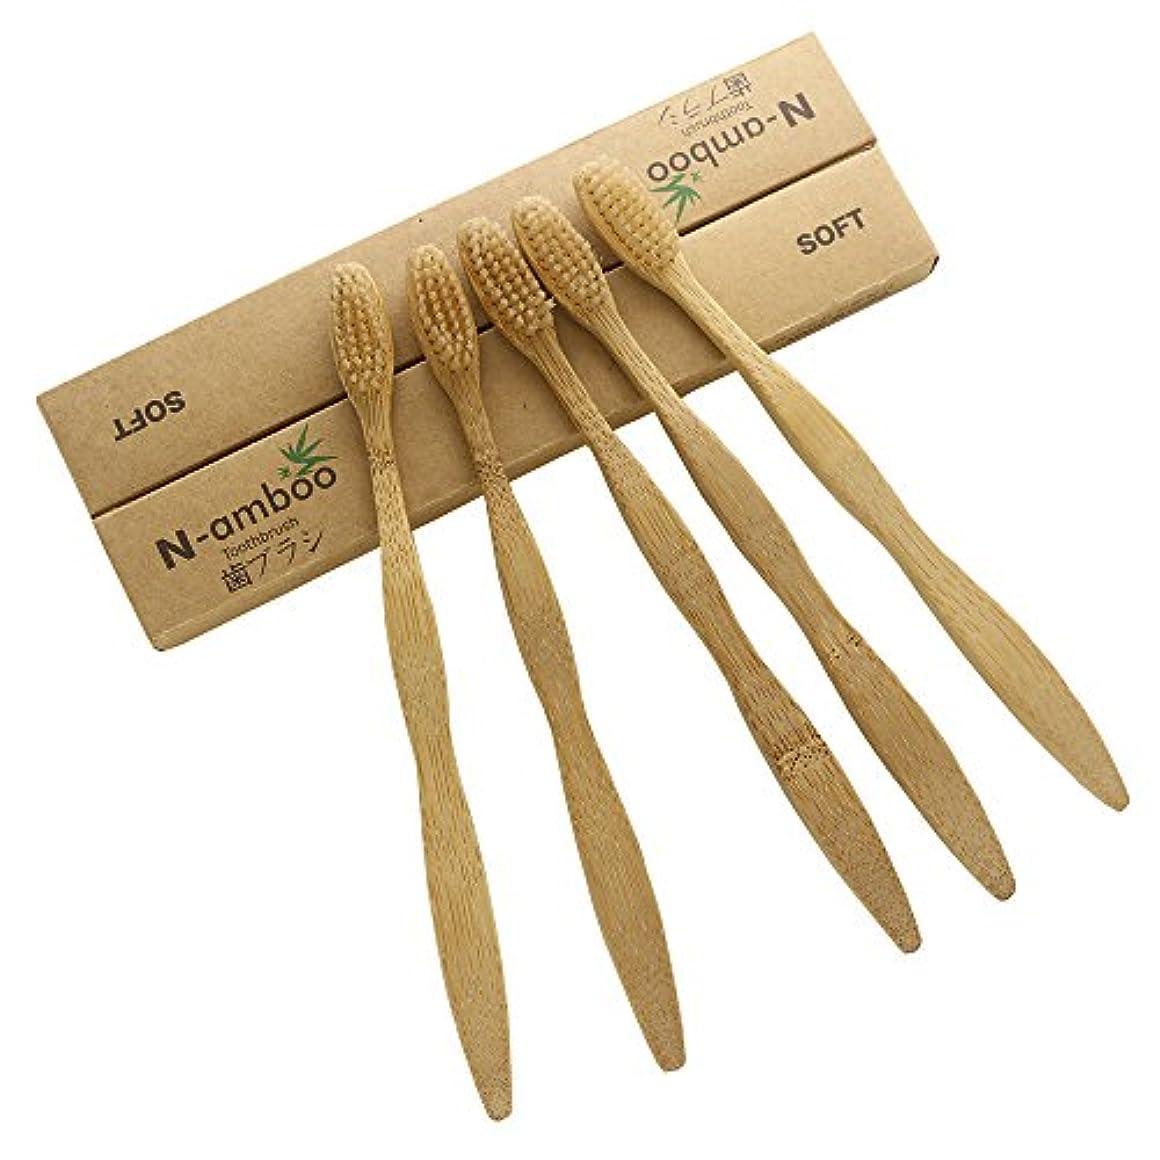 勝利したアロングブレイズN-amboo 歯ブラシ 竹製 耐久性 ベージュ セット (5本)